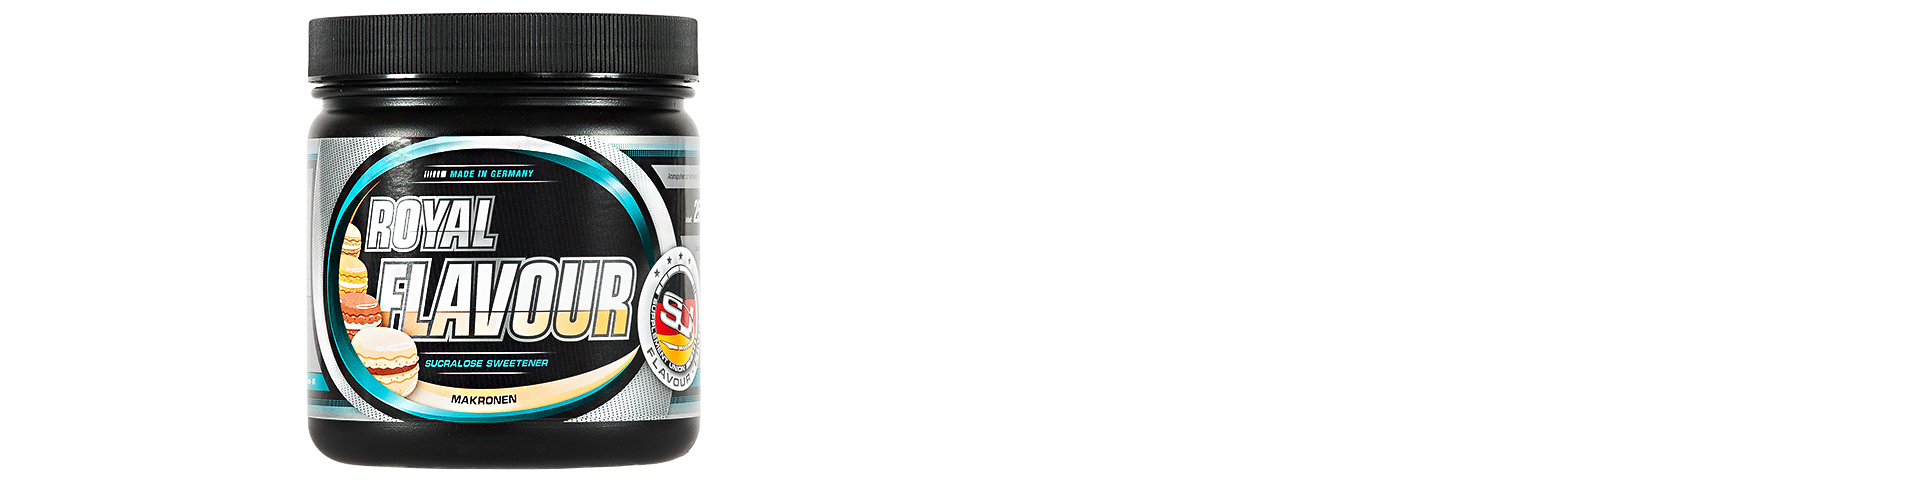 makronen-flavour_2.png